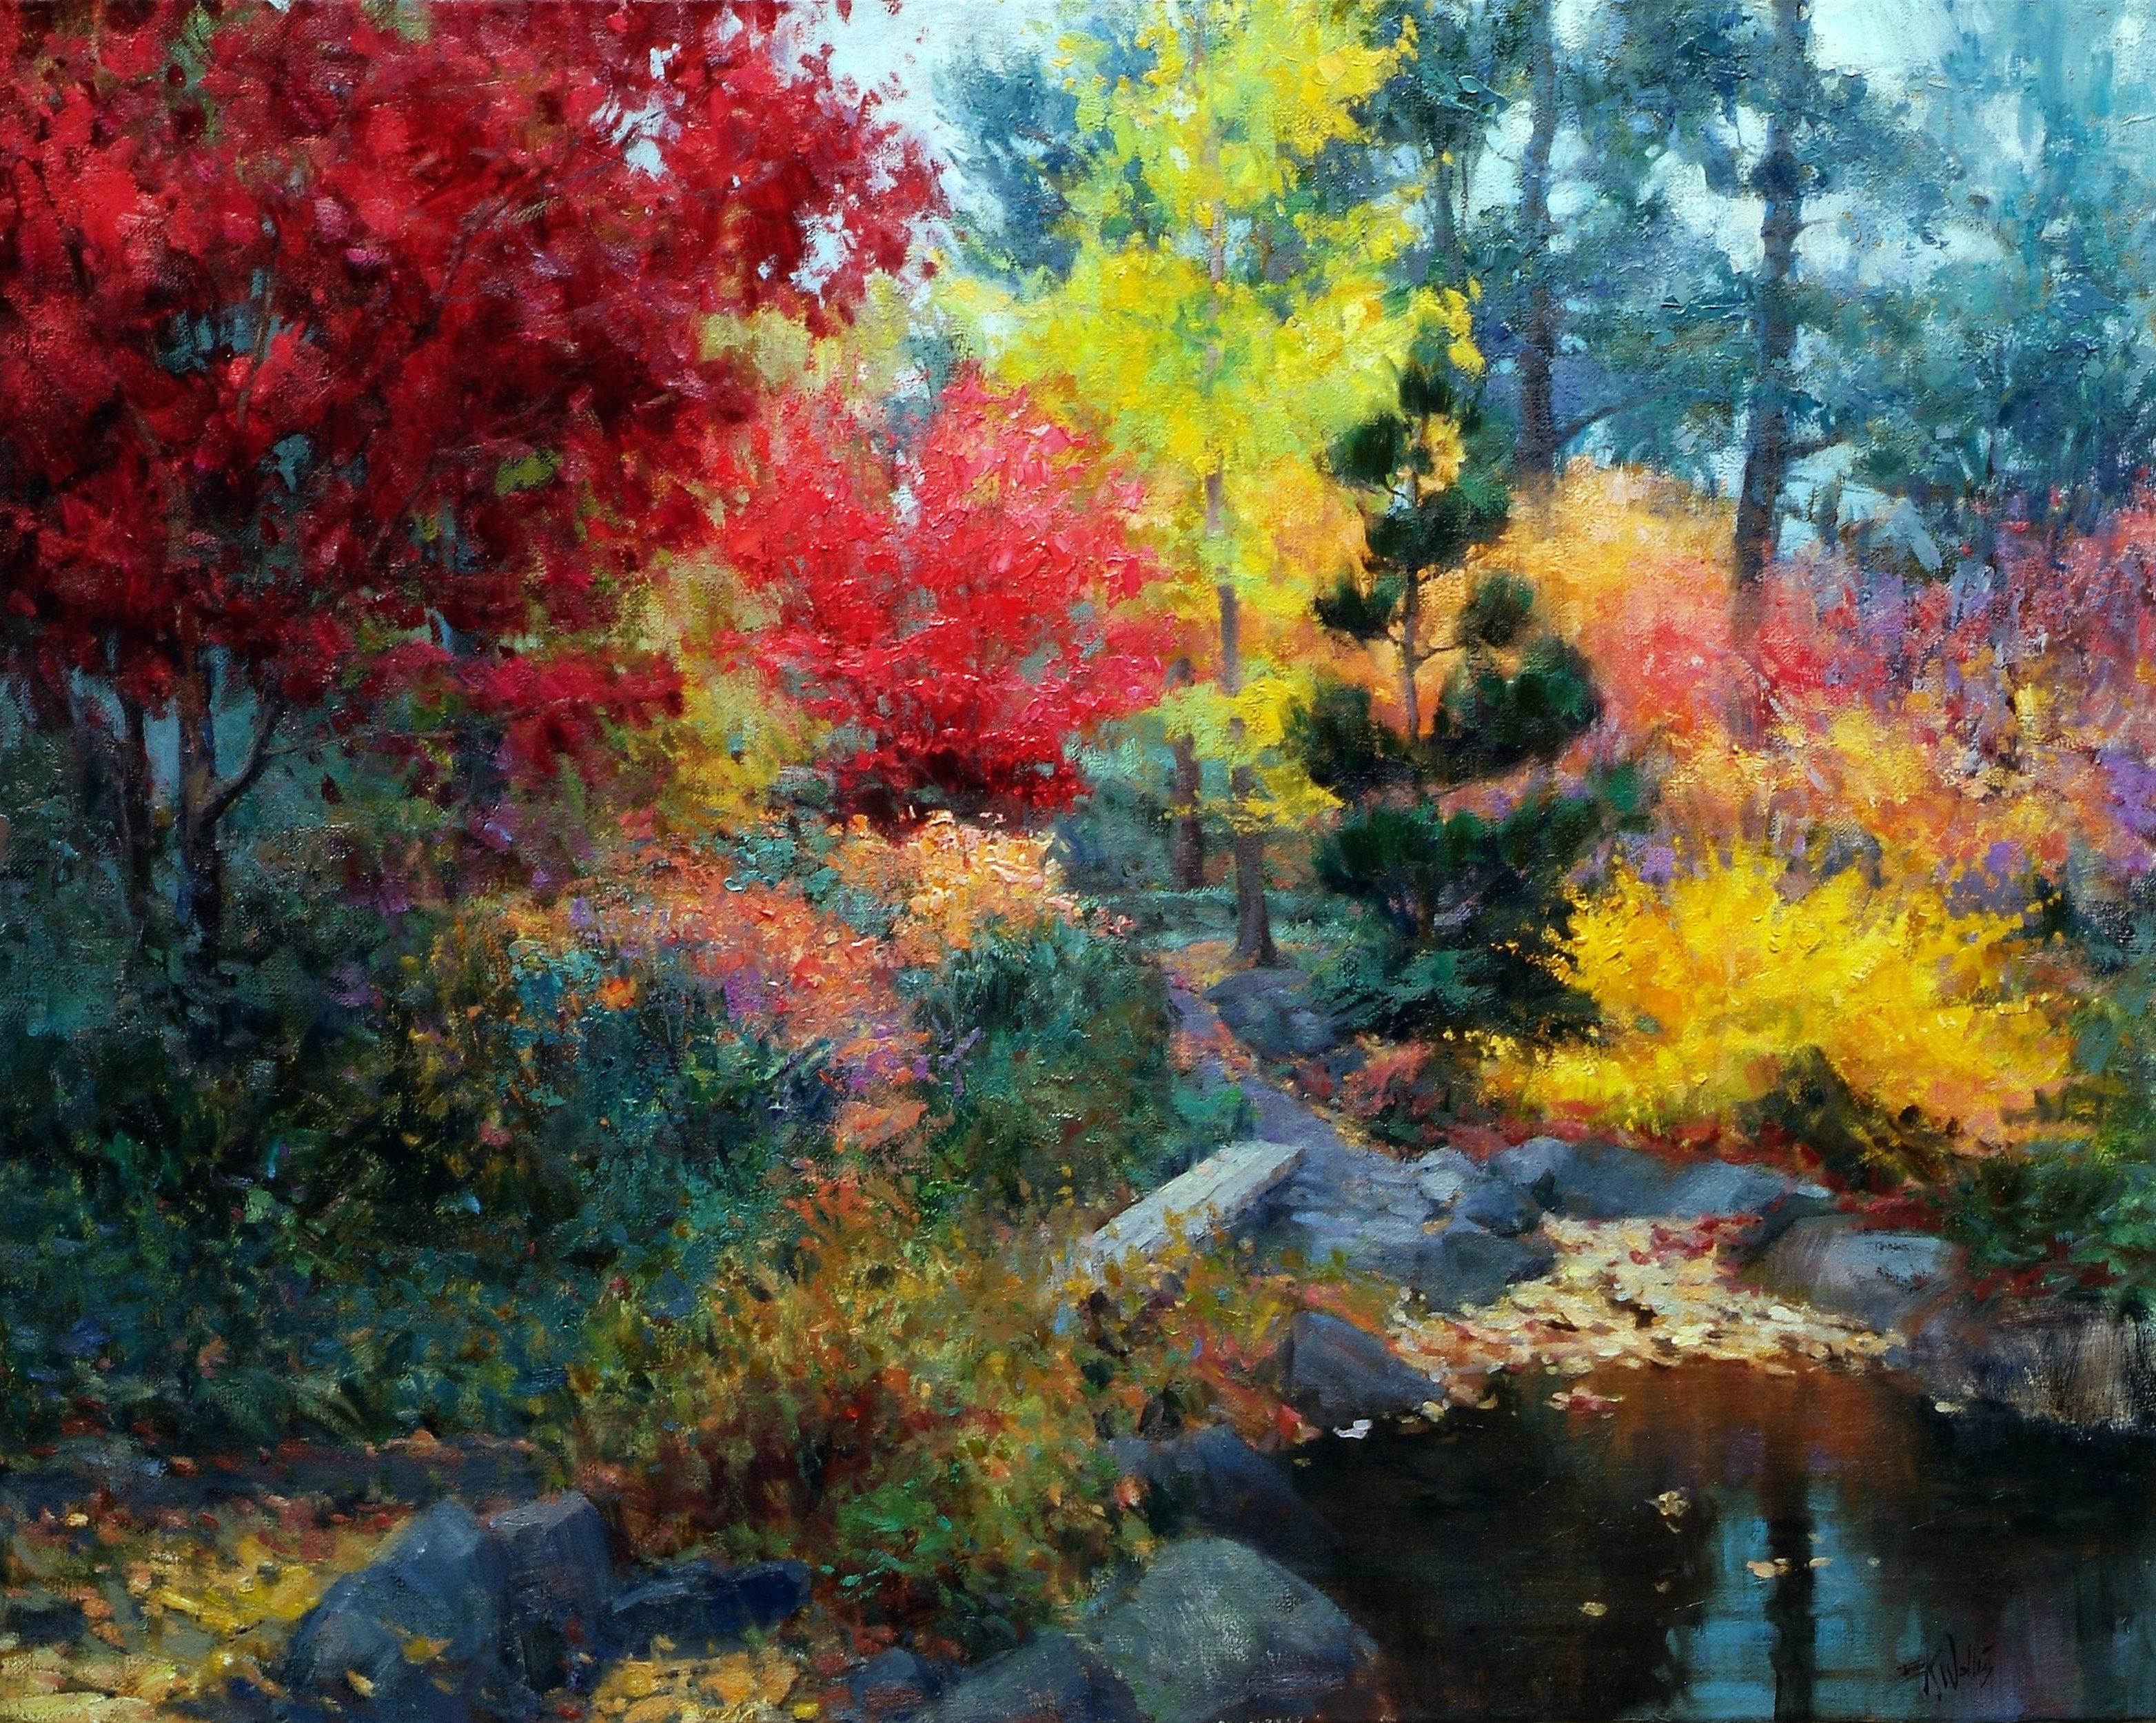 Eric Wallis - Garden Zen